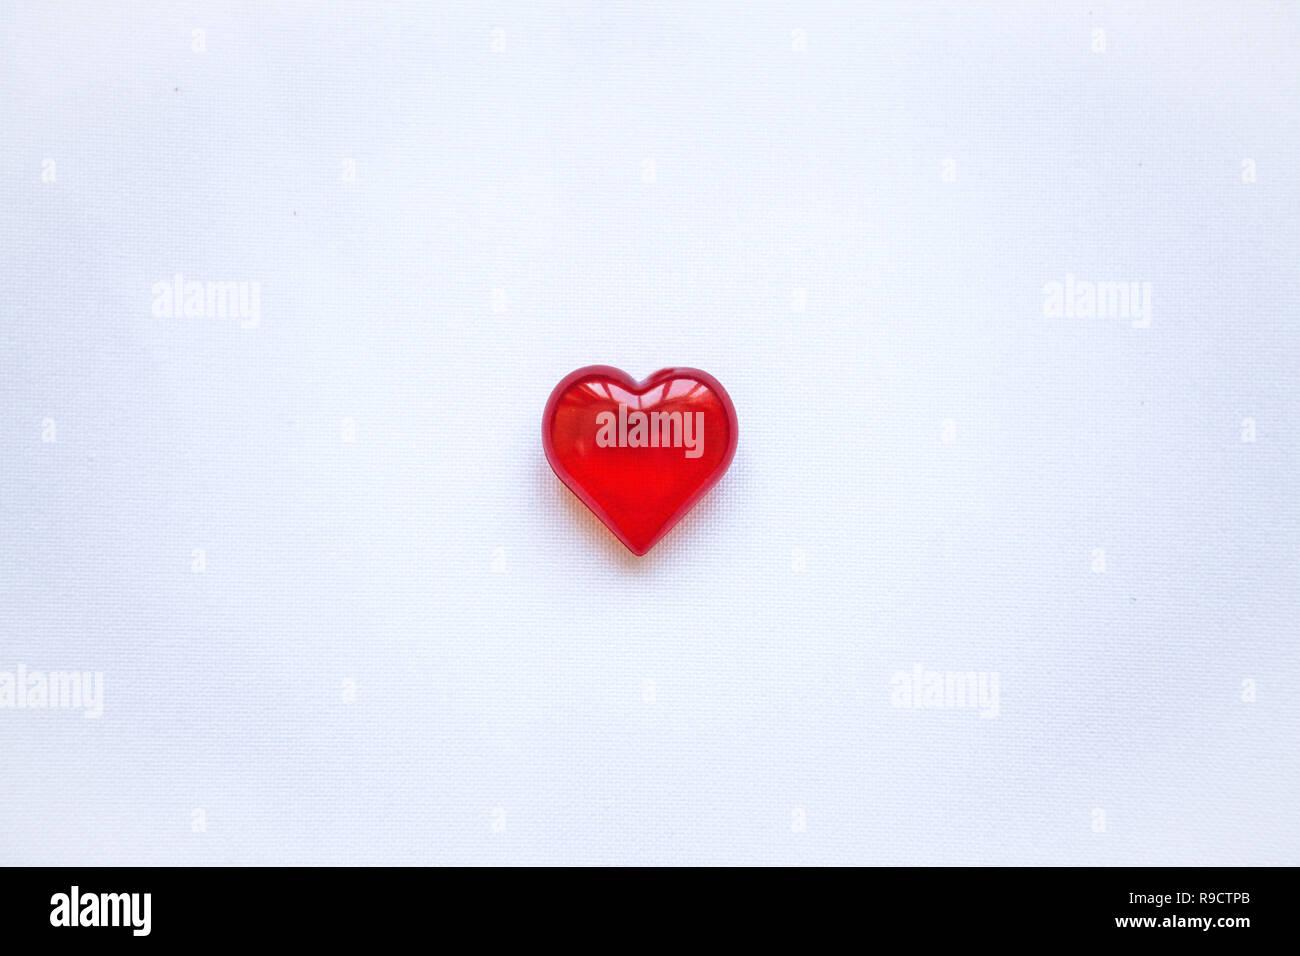 Cuore rosso su sfondo bianco. Concetto per il giorno di San Valentino o il giorno della donna o il tema della salute, la vita, la donazione e la guida in linea di . In stile minimal. Foto Stock